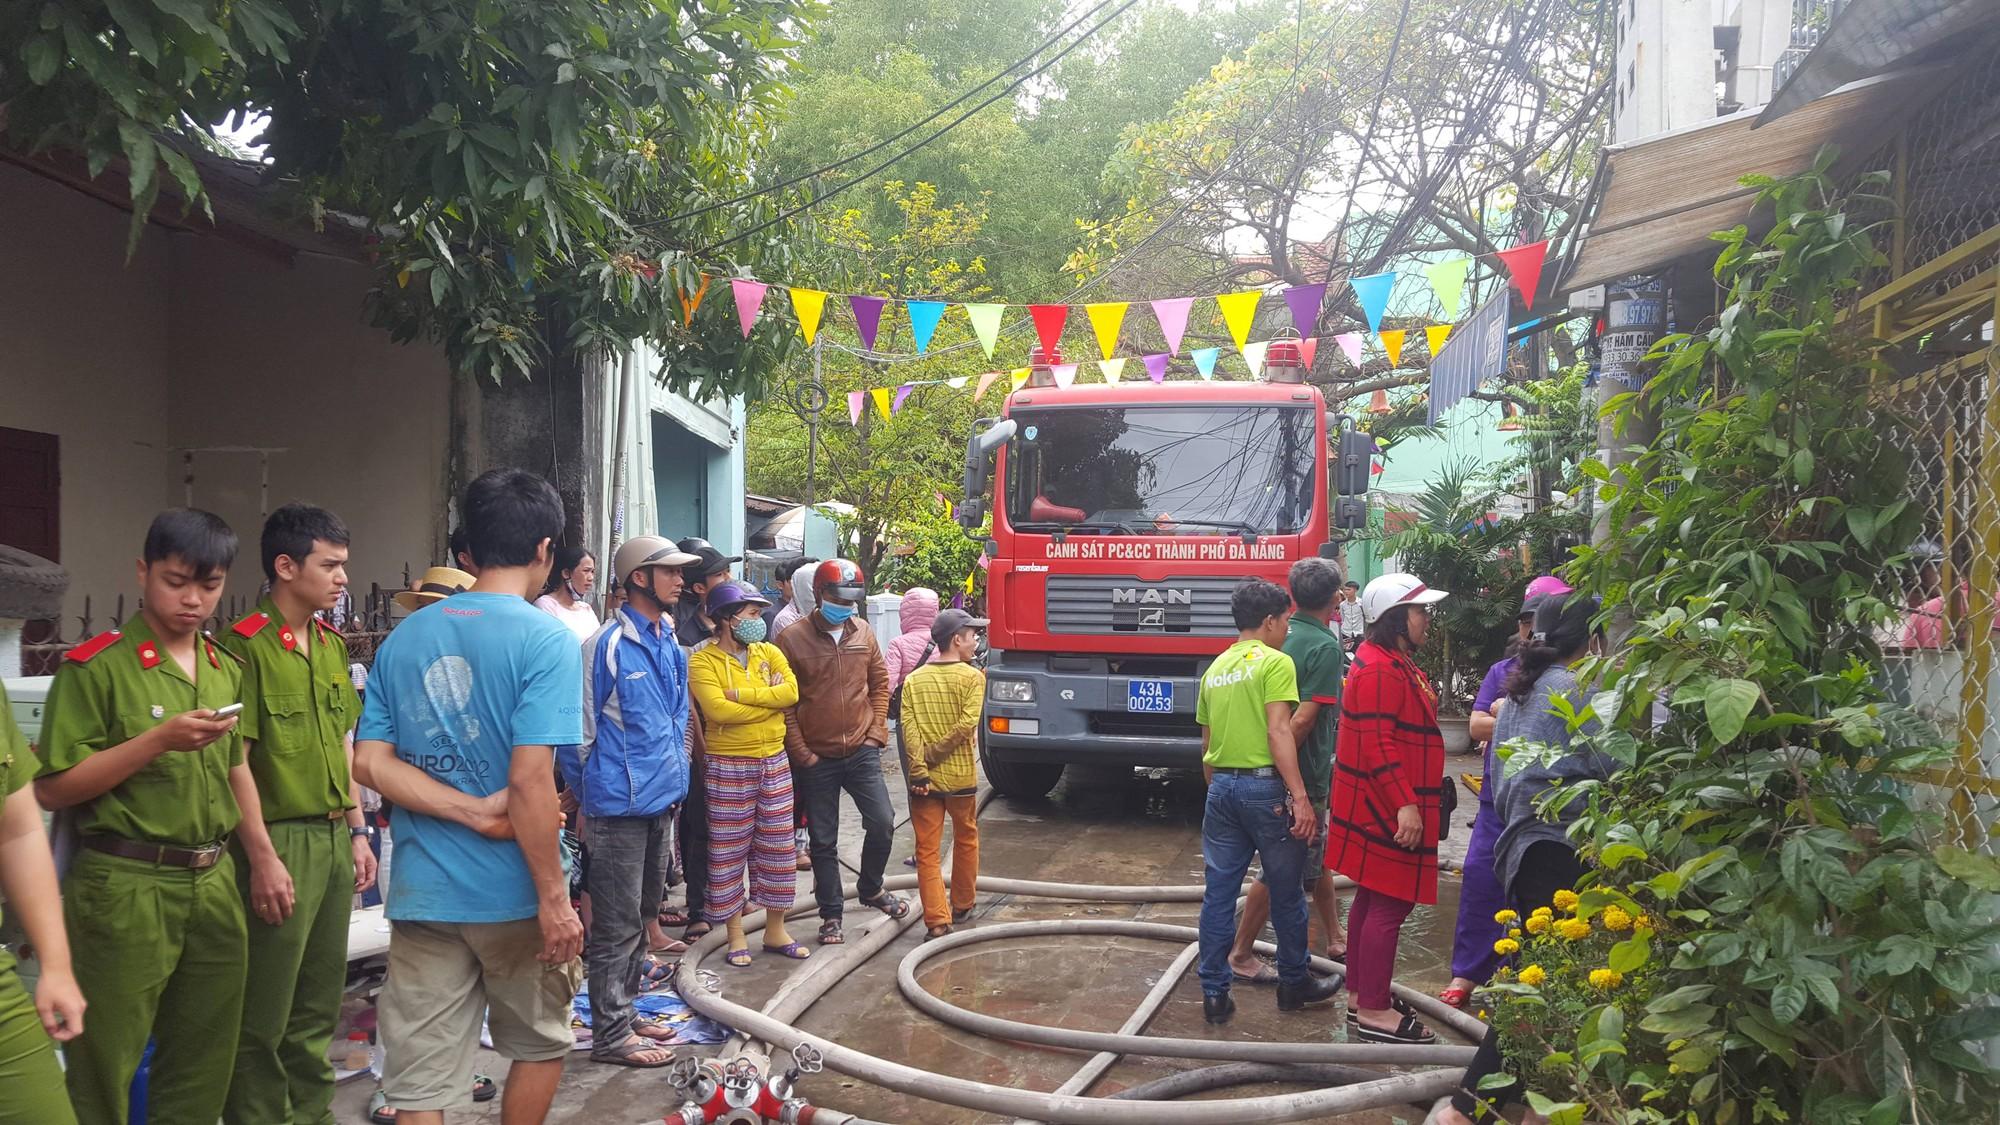 Đà Nẵng: Cháy lan tại nhà trọ giữa trưa, cả xóm náo loạn 2